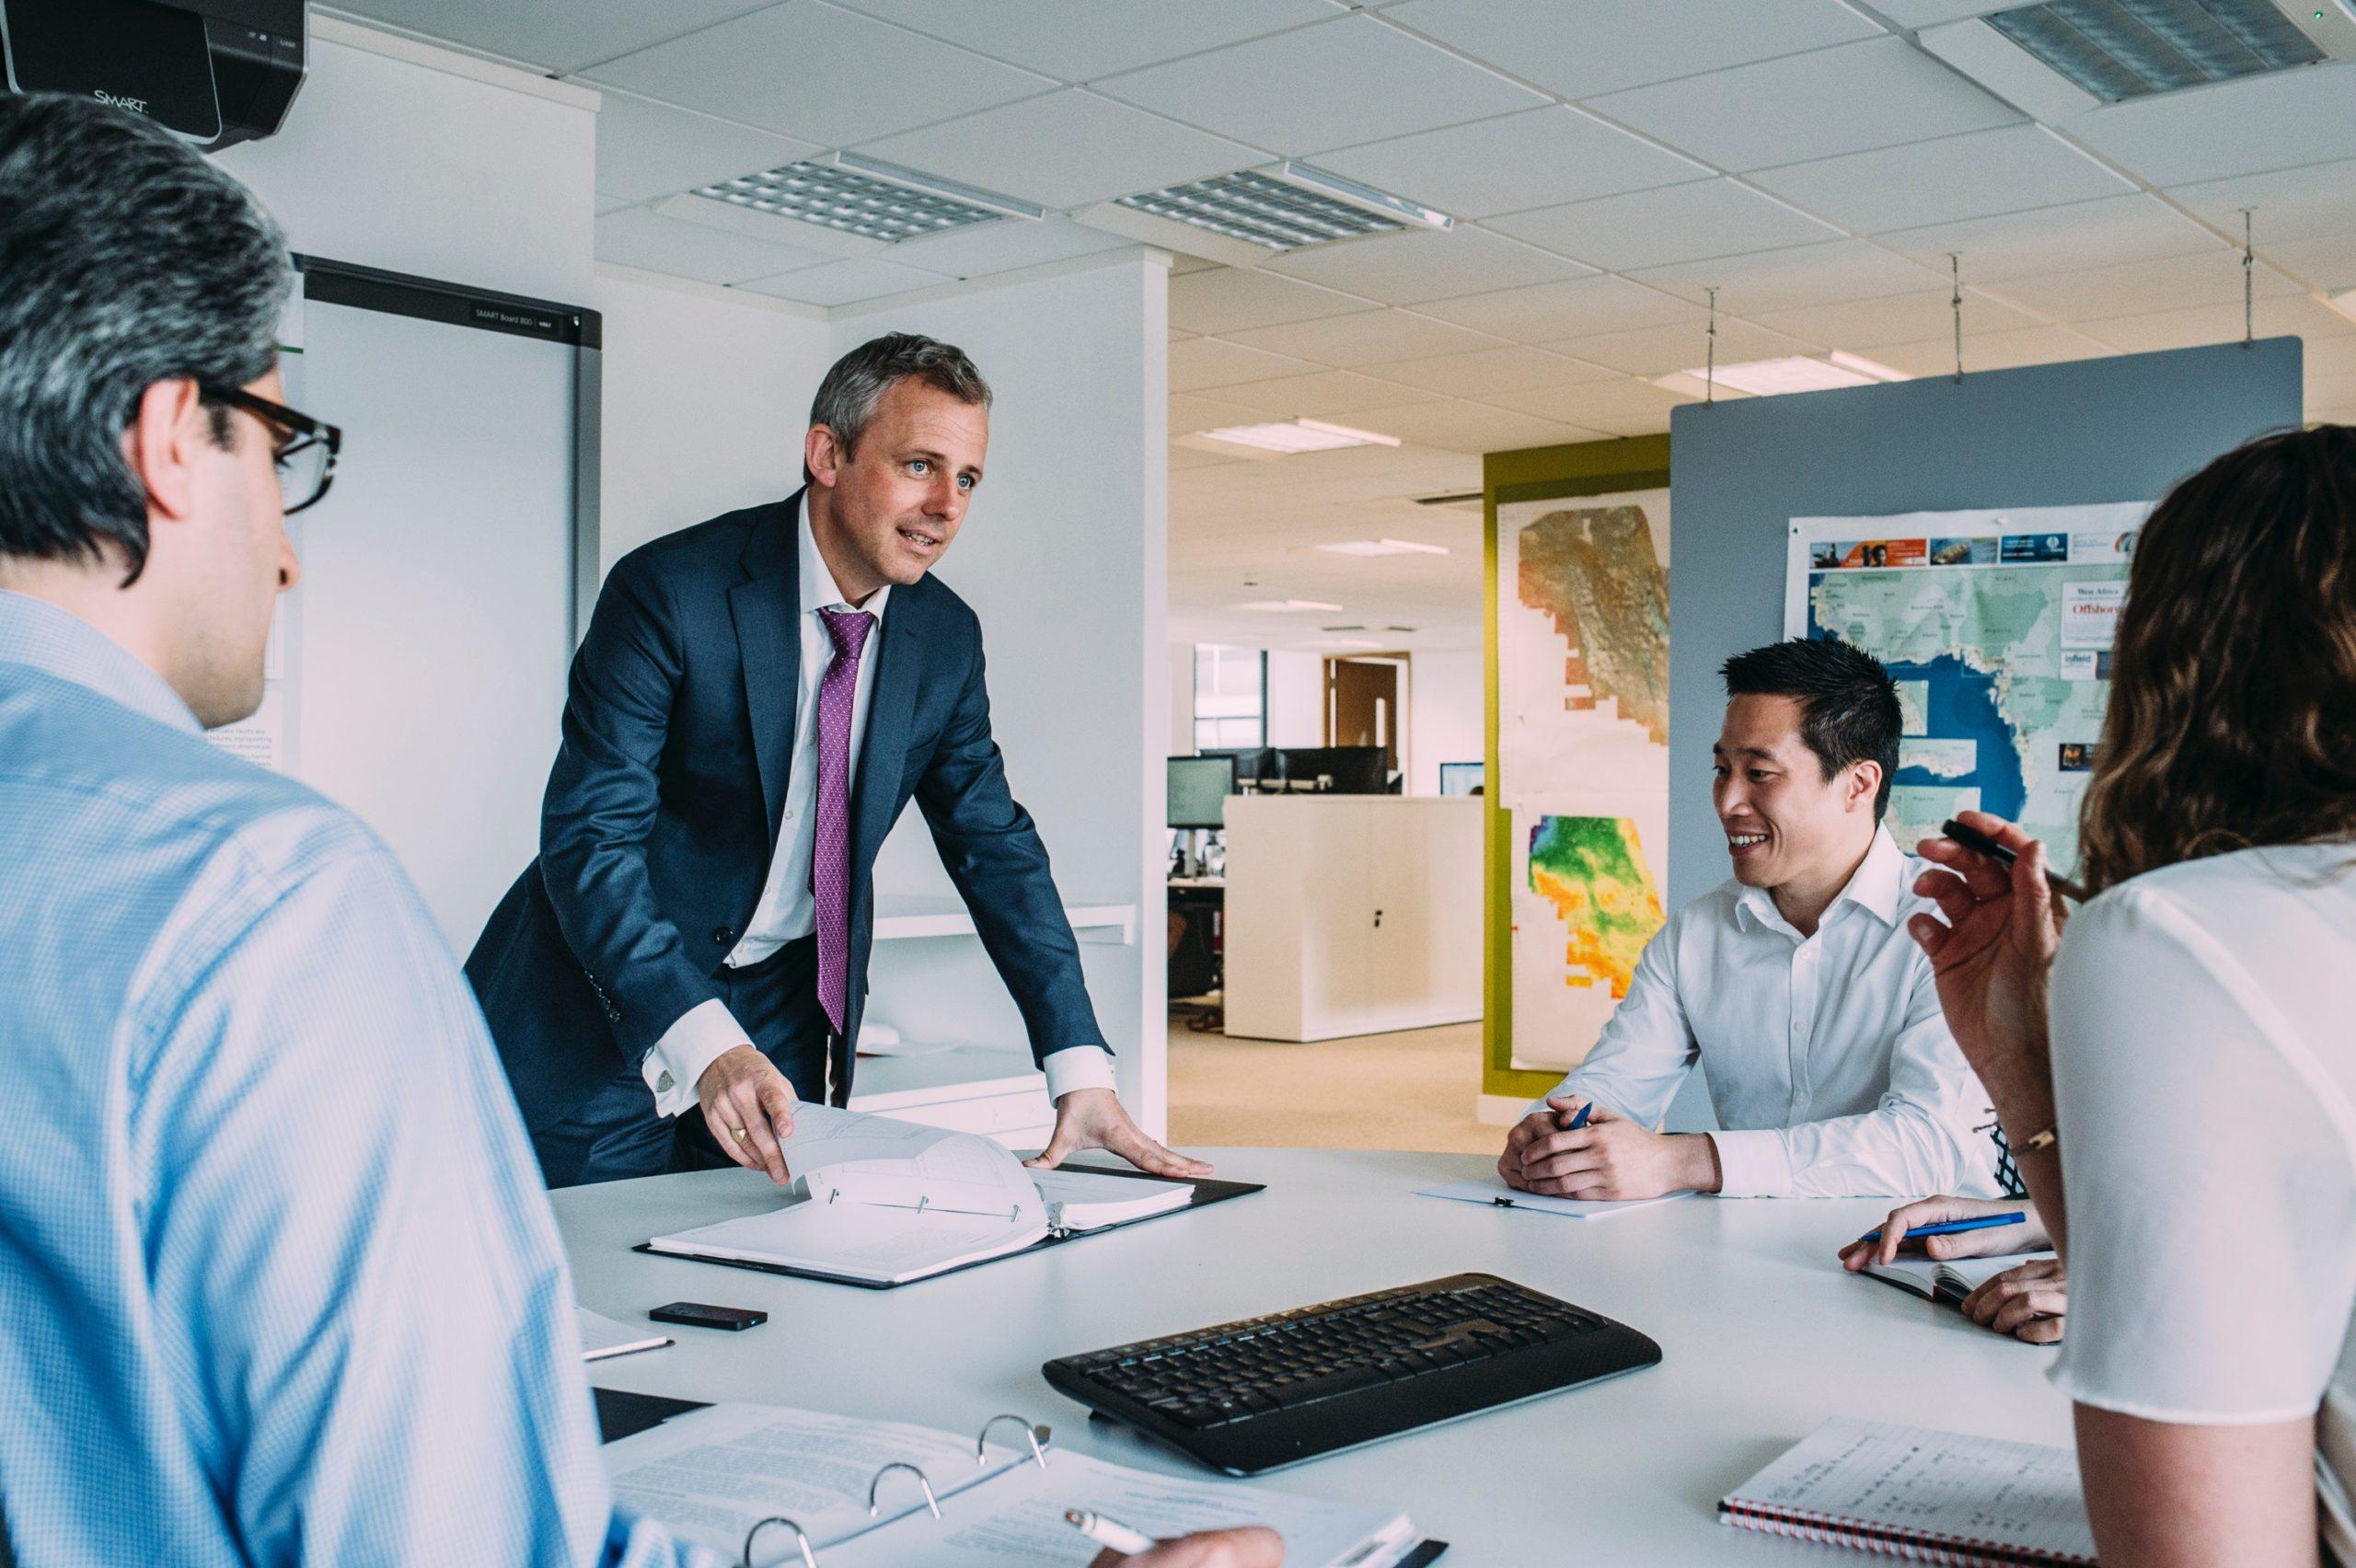 ISO 9001: Como convencer a alta direção sobre a implementação?